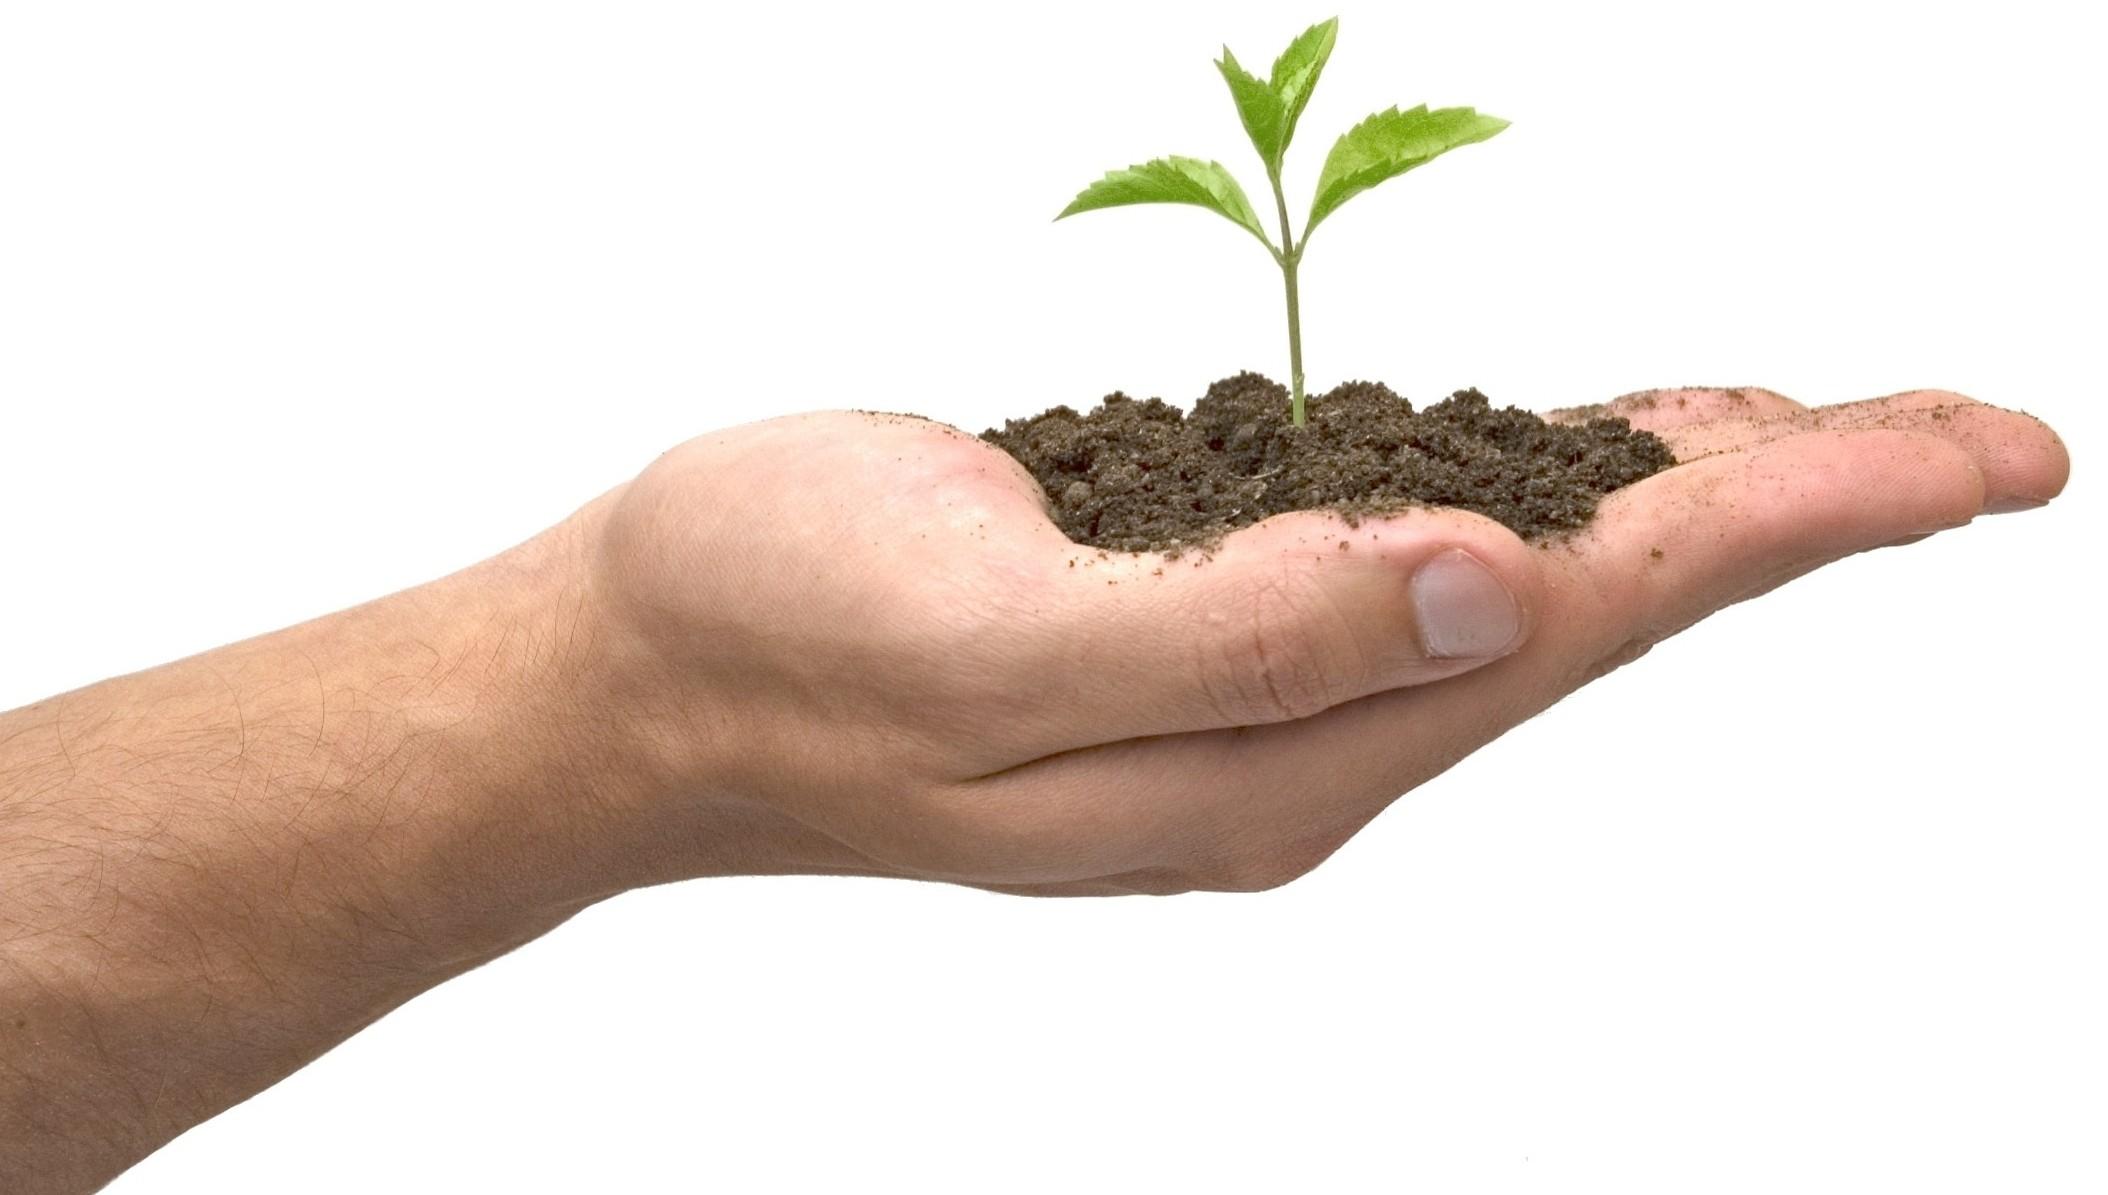 vastagbélrák családtörténete az ültetéshez gyógyszerkezelési felülvizsgálatokra van szükség